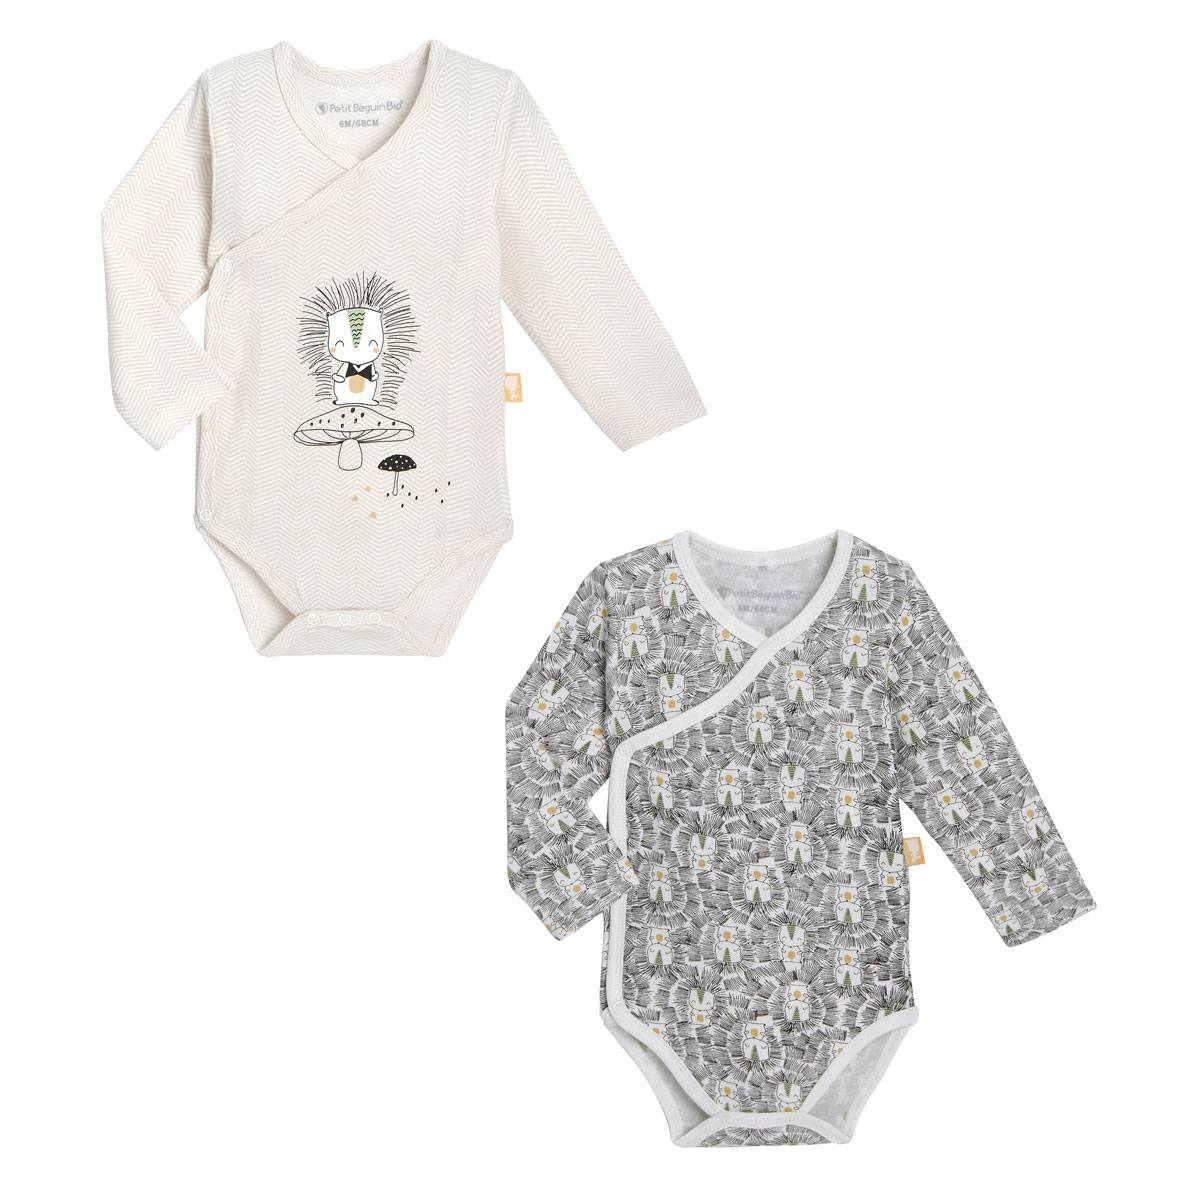 Petit Béguin Lot de 2 bodies bébé mixte croisés manches longues contenant du coton bio Shuiro - Taille - 6 mois